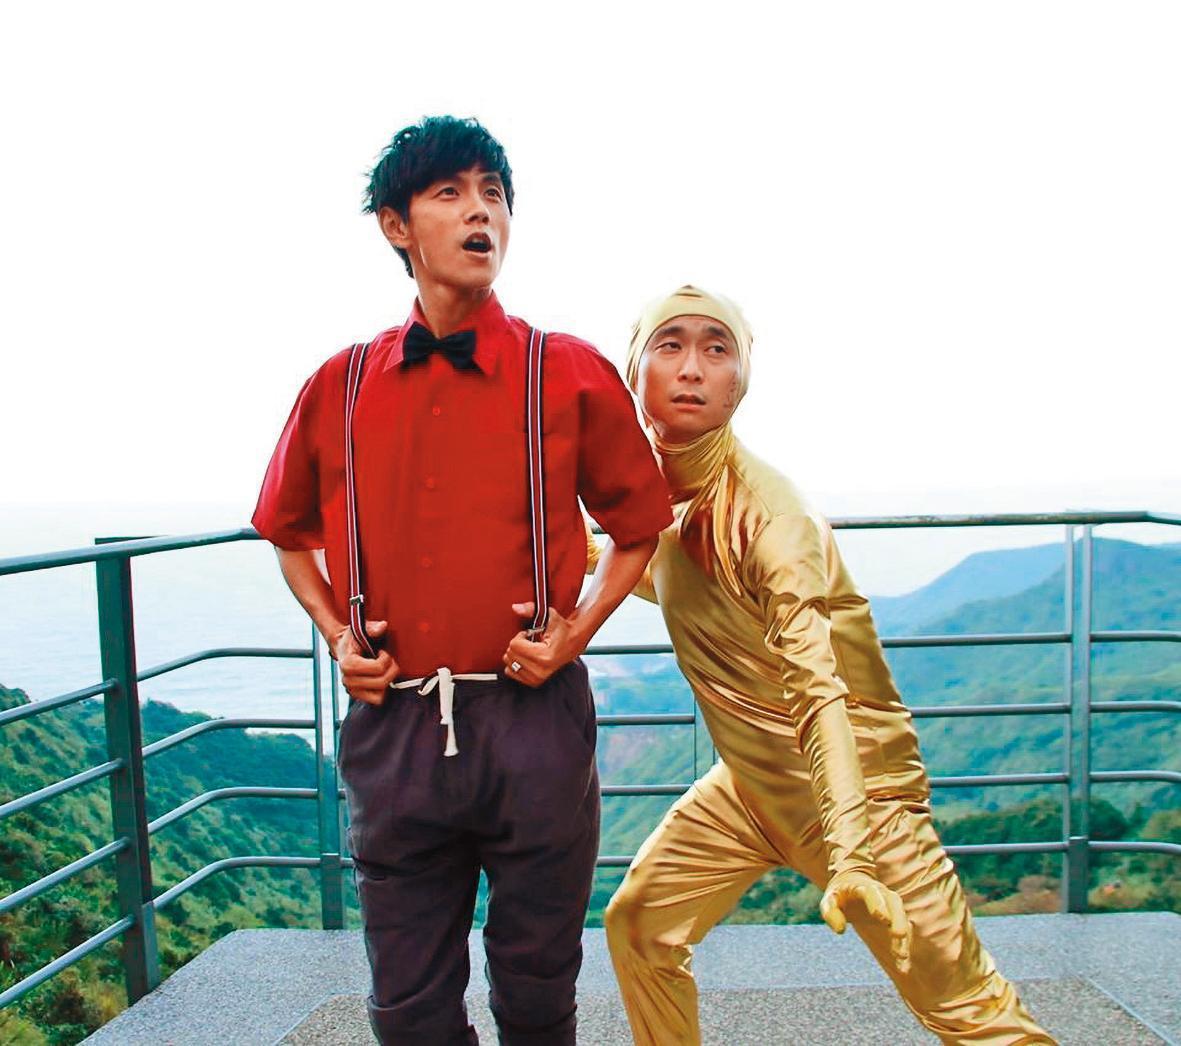 阿翔(左)已經甩開外遇風暴,目前繼續穩定主持新節目。右為浩子。(翻攝自浩角翔起笑一個臉書)